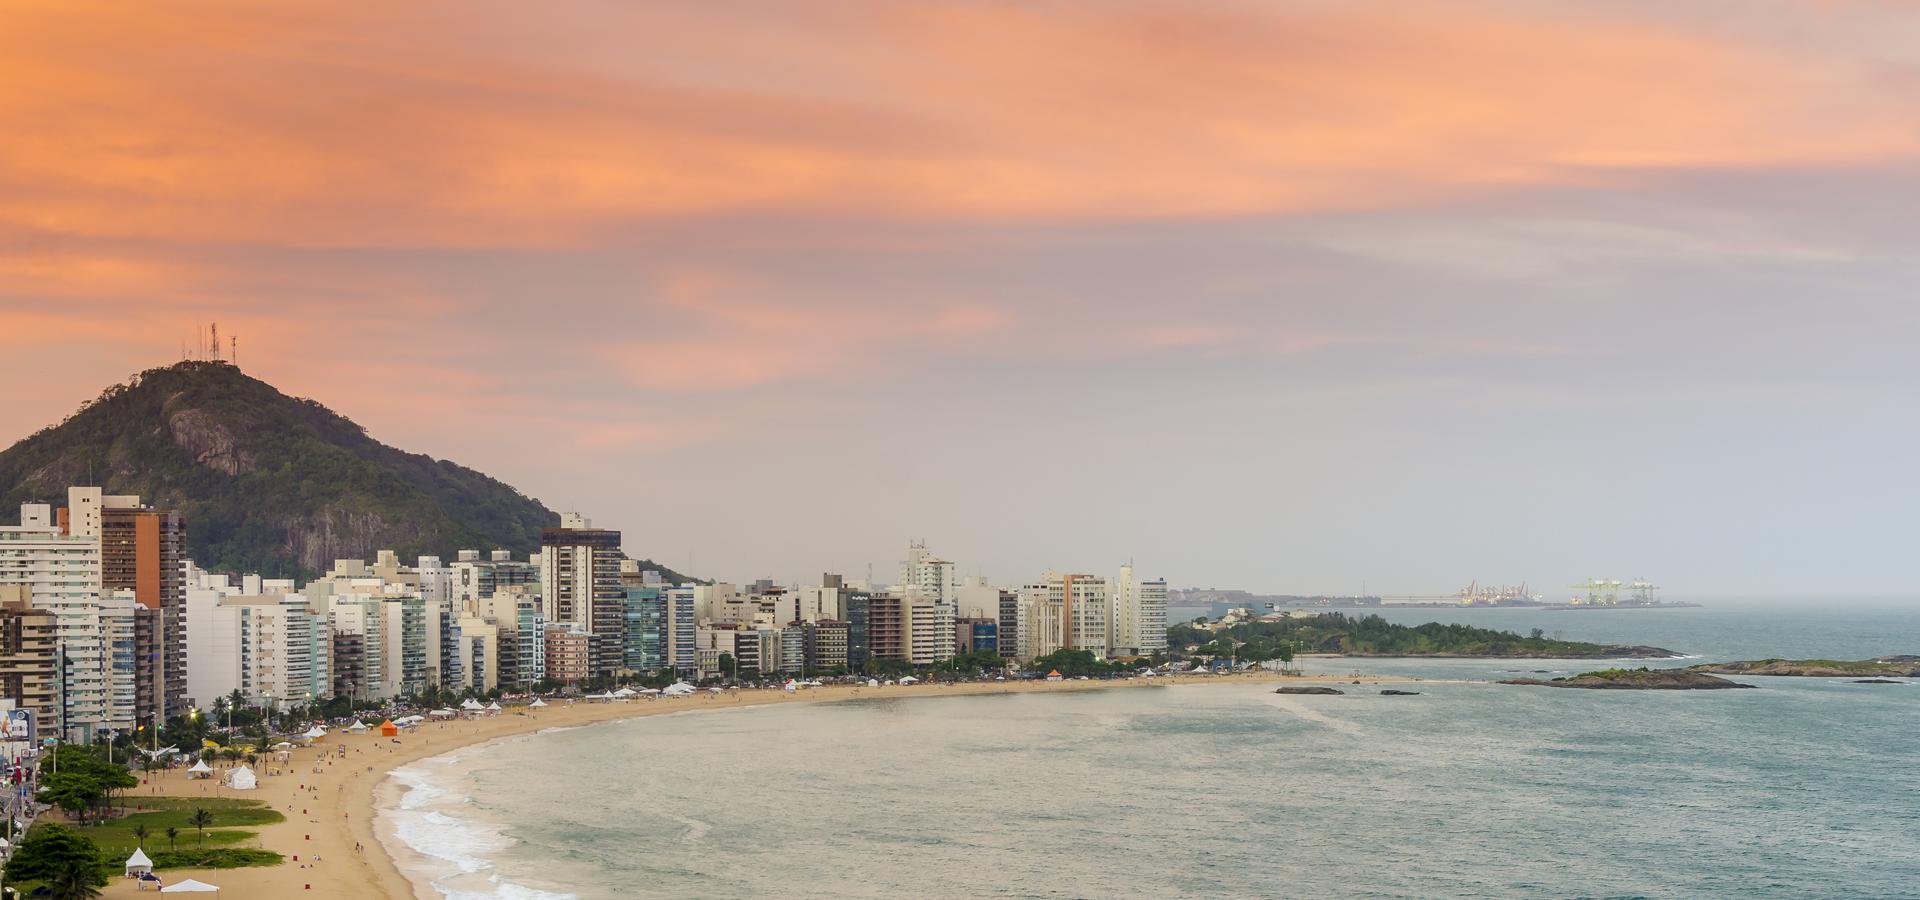 <b>America/Sao_Paulo/Espirito_Santo</b>